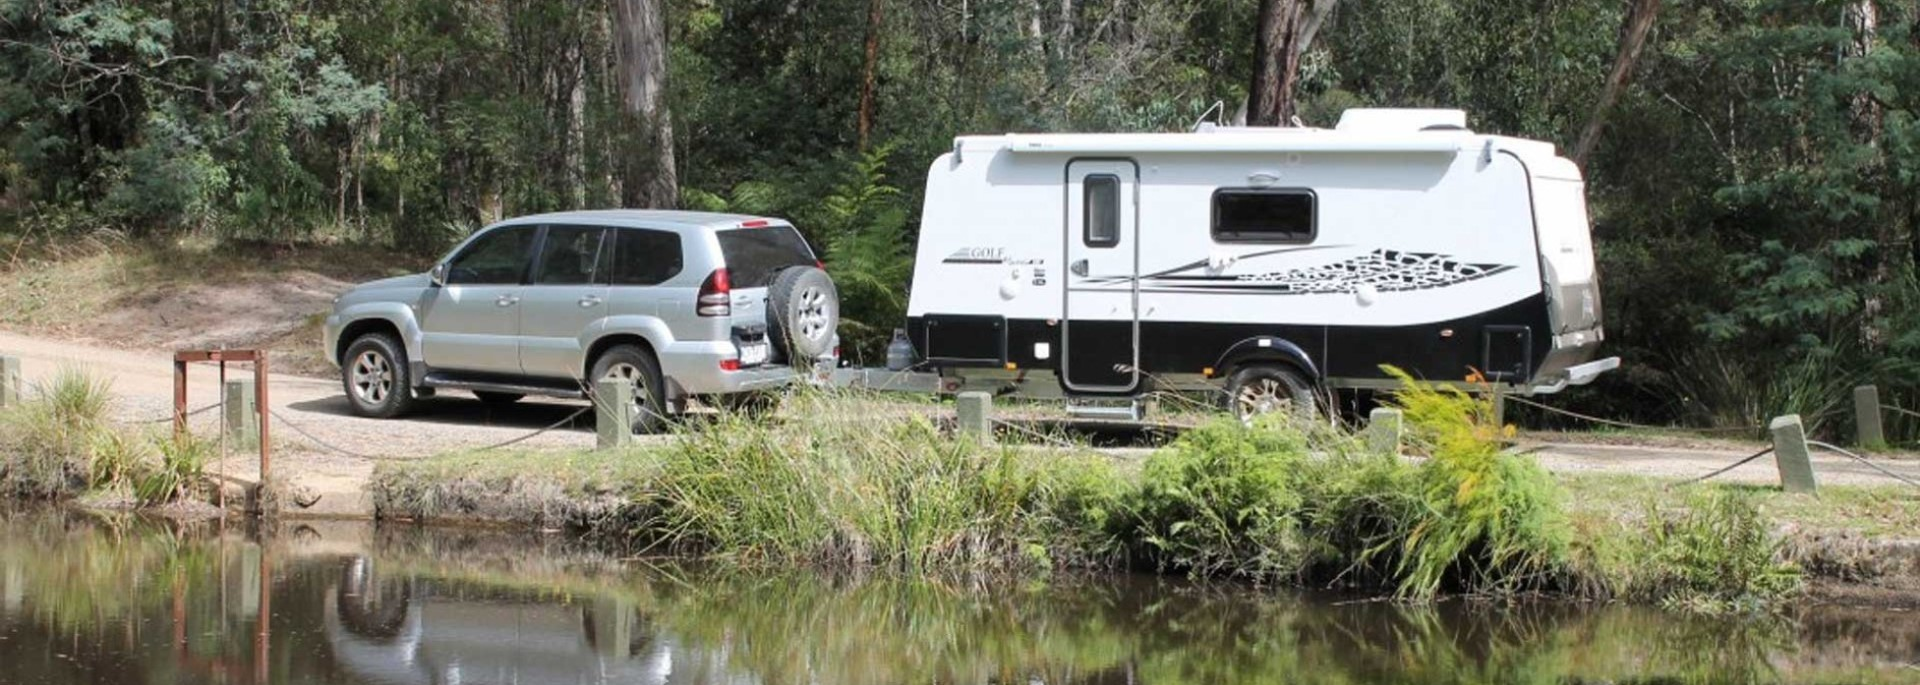 Campers Caravans & Motorhomes for everyone